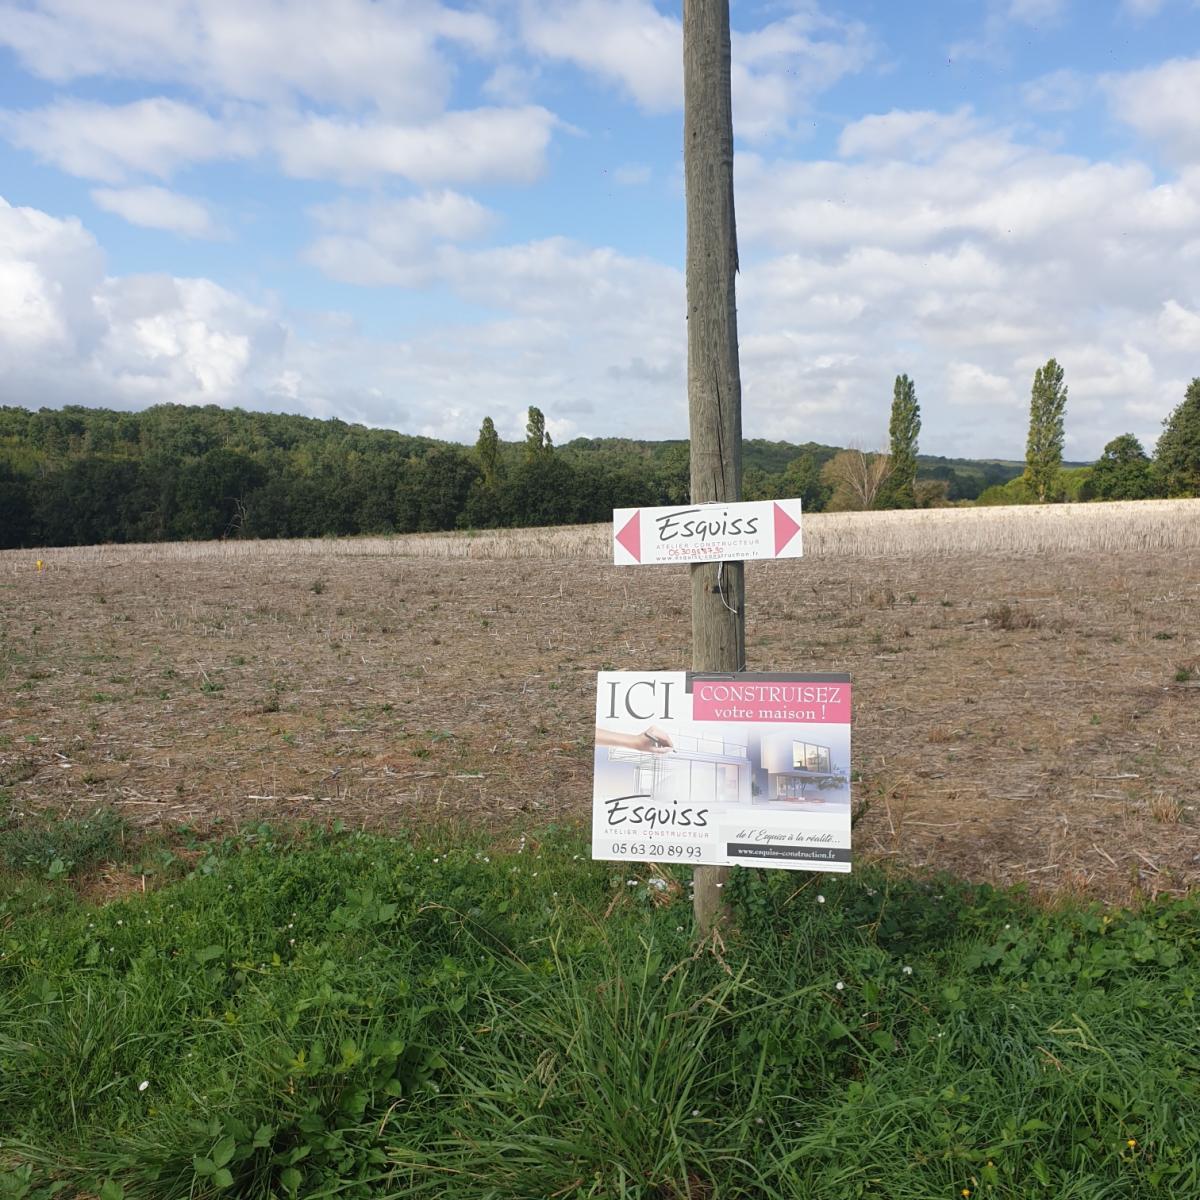 Terrains du constructeur ESQUISS BEAUZELLE • 418 m² • SAINT PAUL SUR SAVE